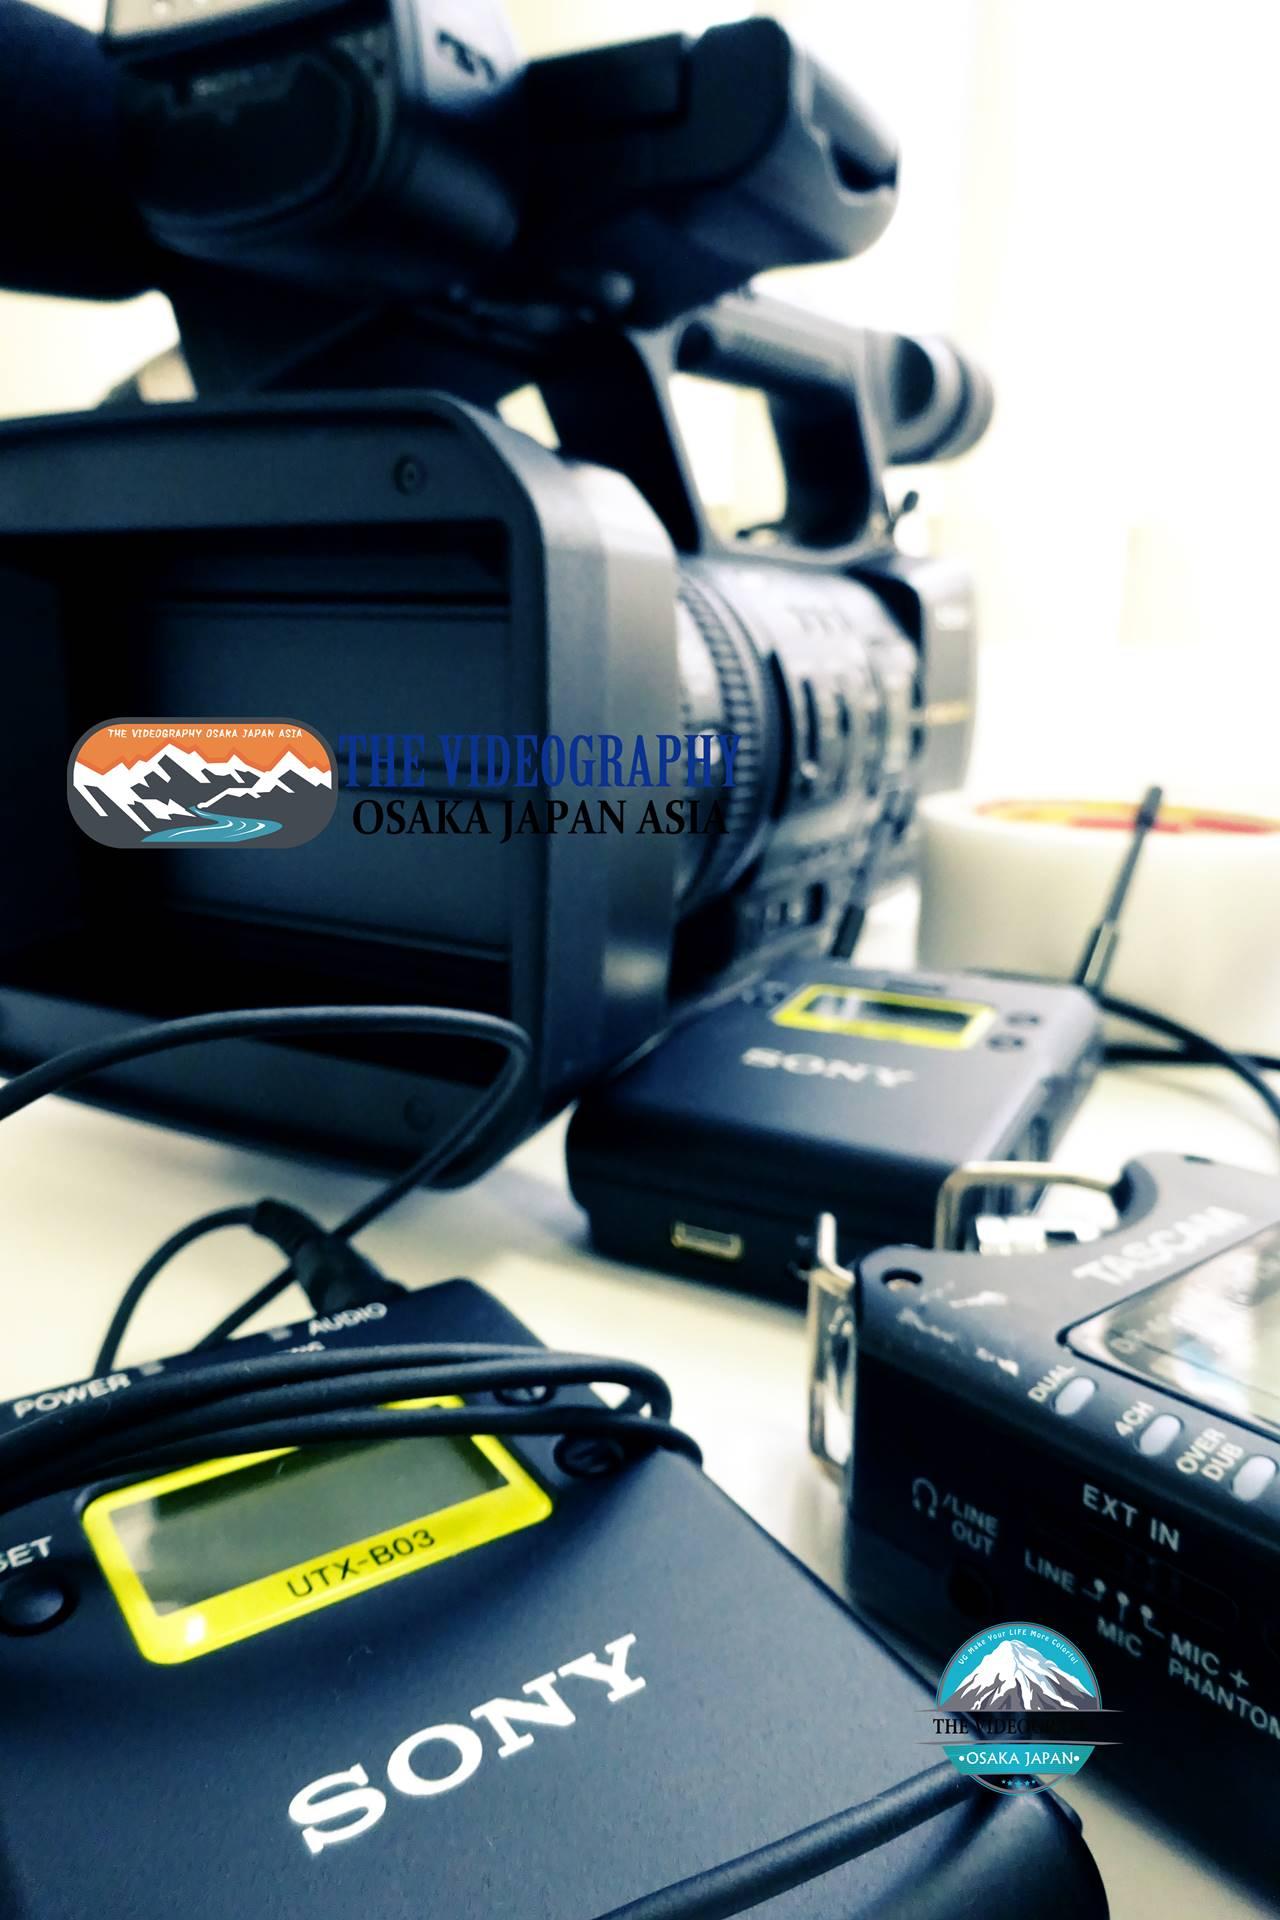 ソニー製ワイヤレスマイク or TASCAM製ICレコーダーを使用@セミナー 講演会 音楽ライブ 舞台 各種イベントの映像制作 ビデオ撮影 DVD作成